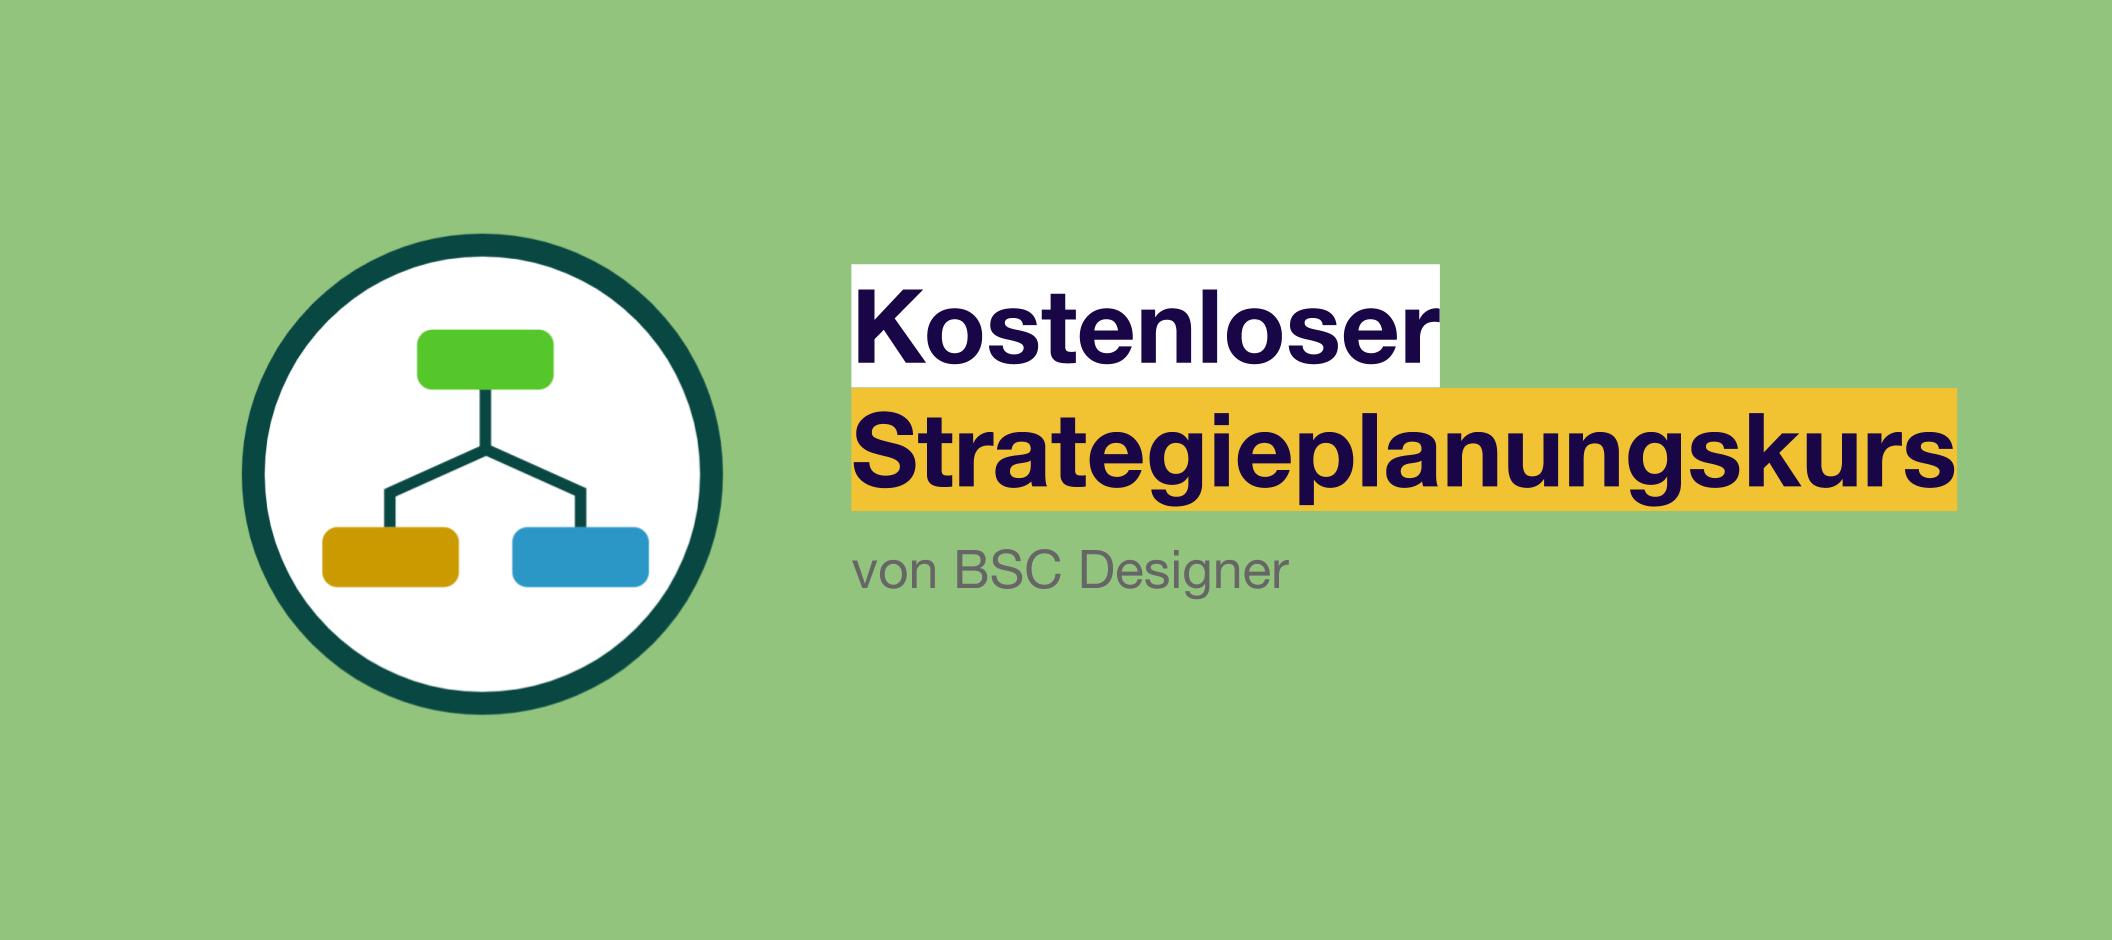 Kostenloser Strategieplanungskurs von BSC Designer